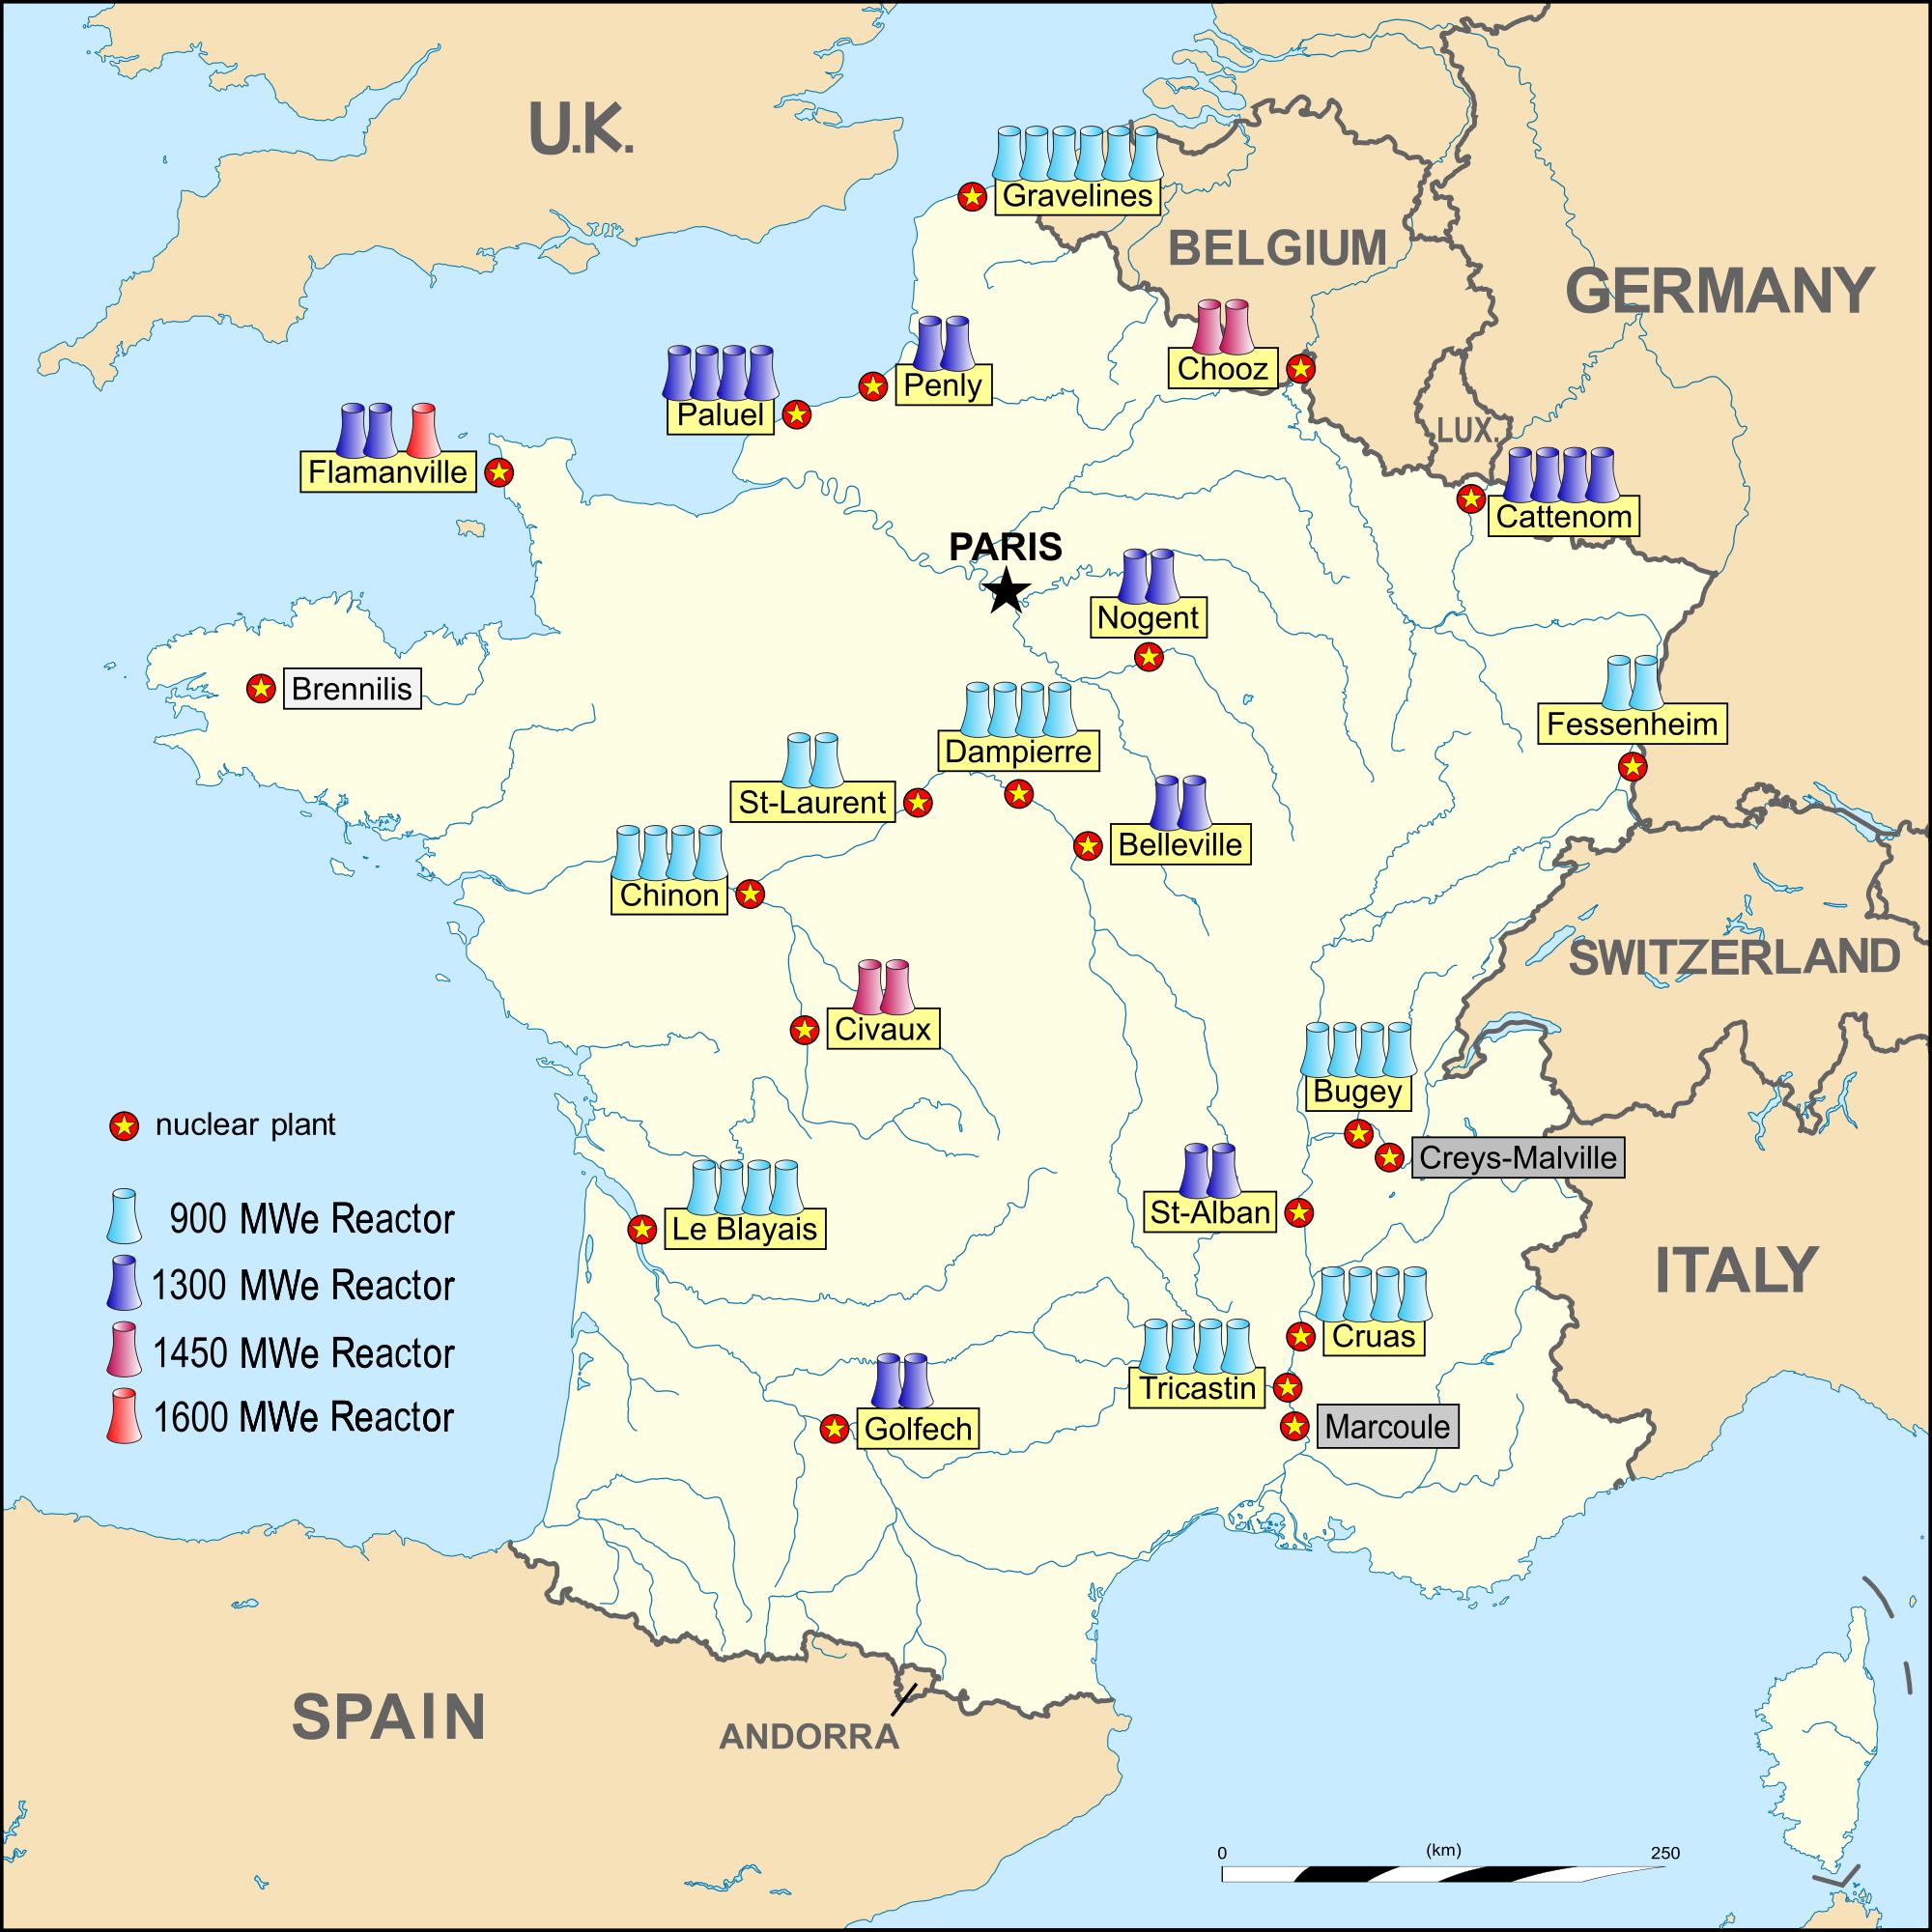 法国积极推动能源转型 减少对核电依赖